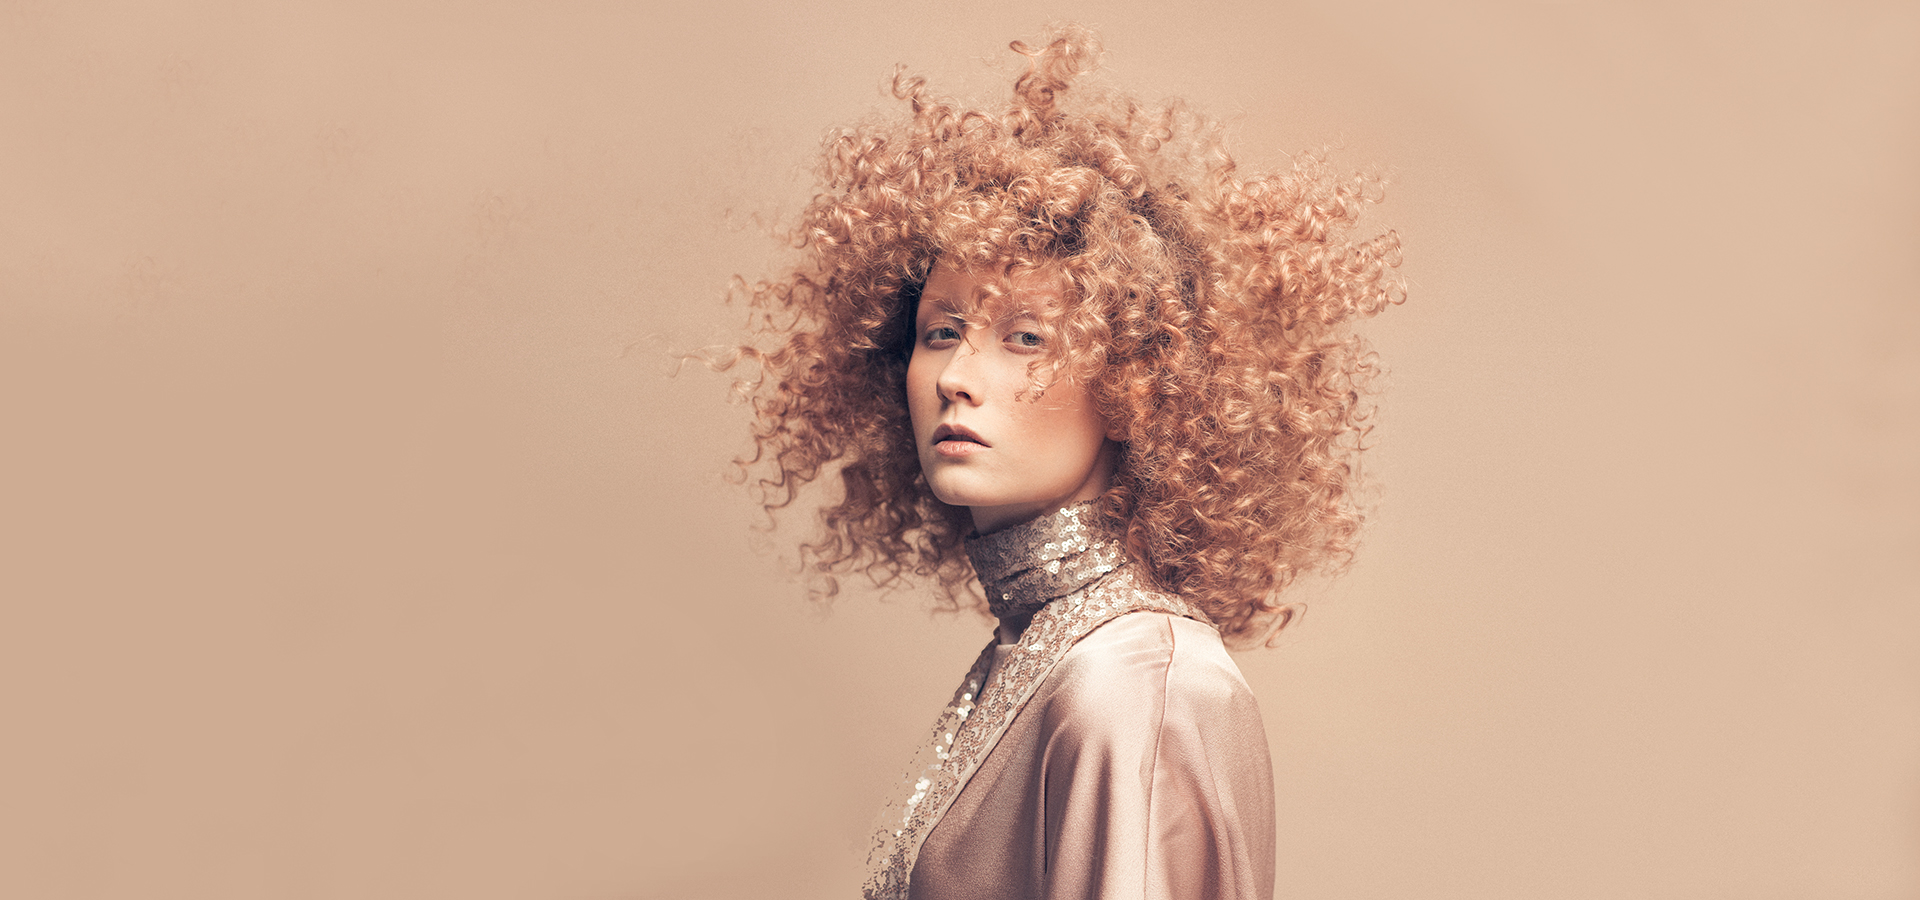 Hair Garage - monipuoliset parturi-kampaamo ja kauneudenhoitopalvelut • Tampere